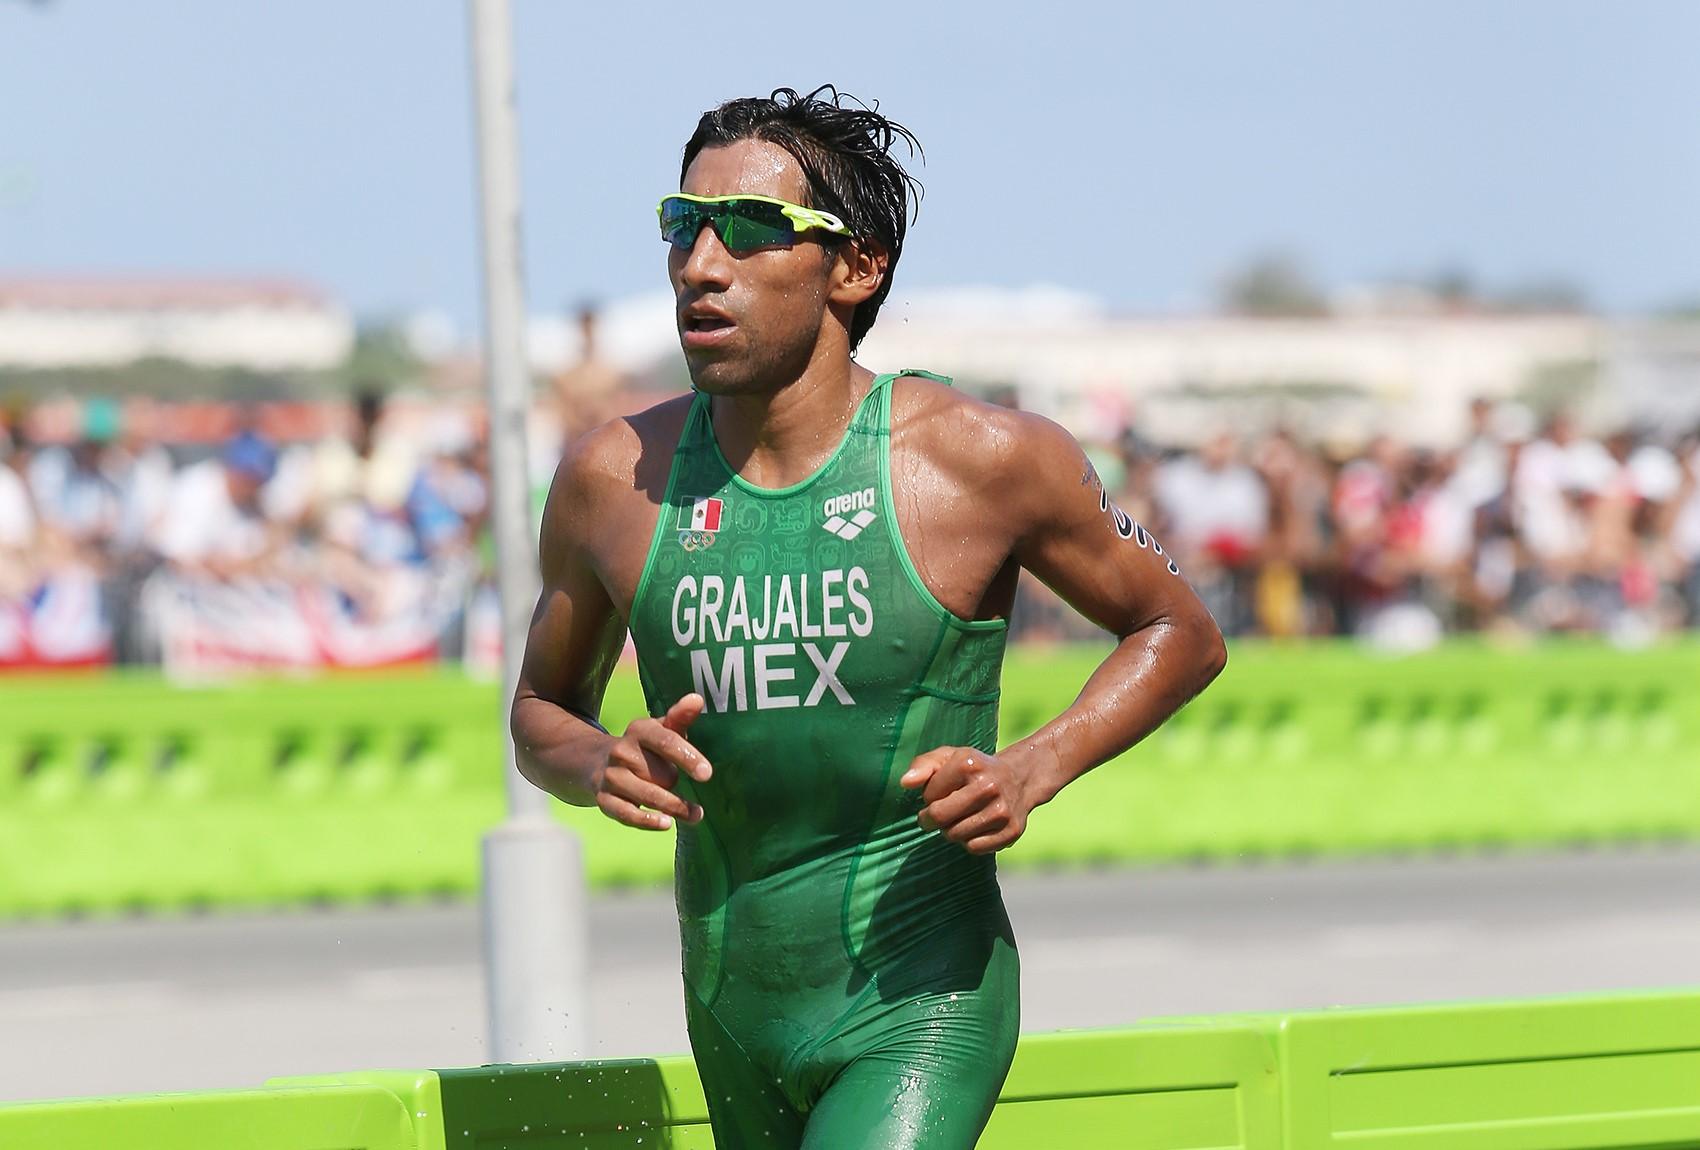 Crisanto Grajales a Campeonato Panamericano de Triatlón en NL